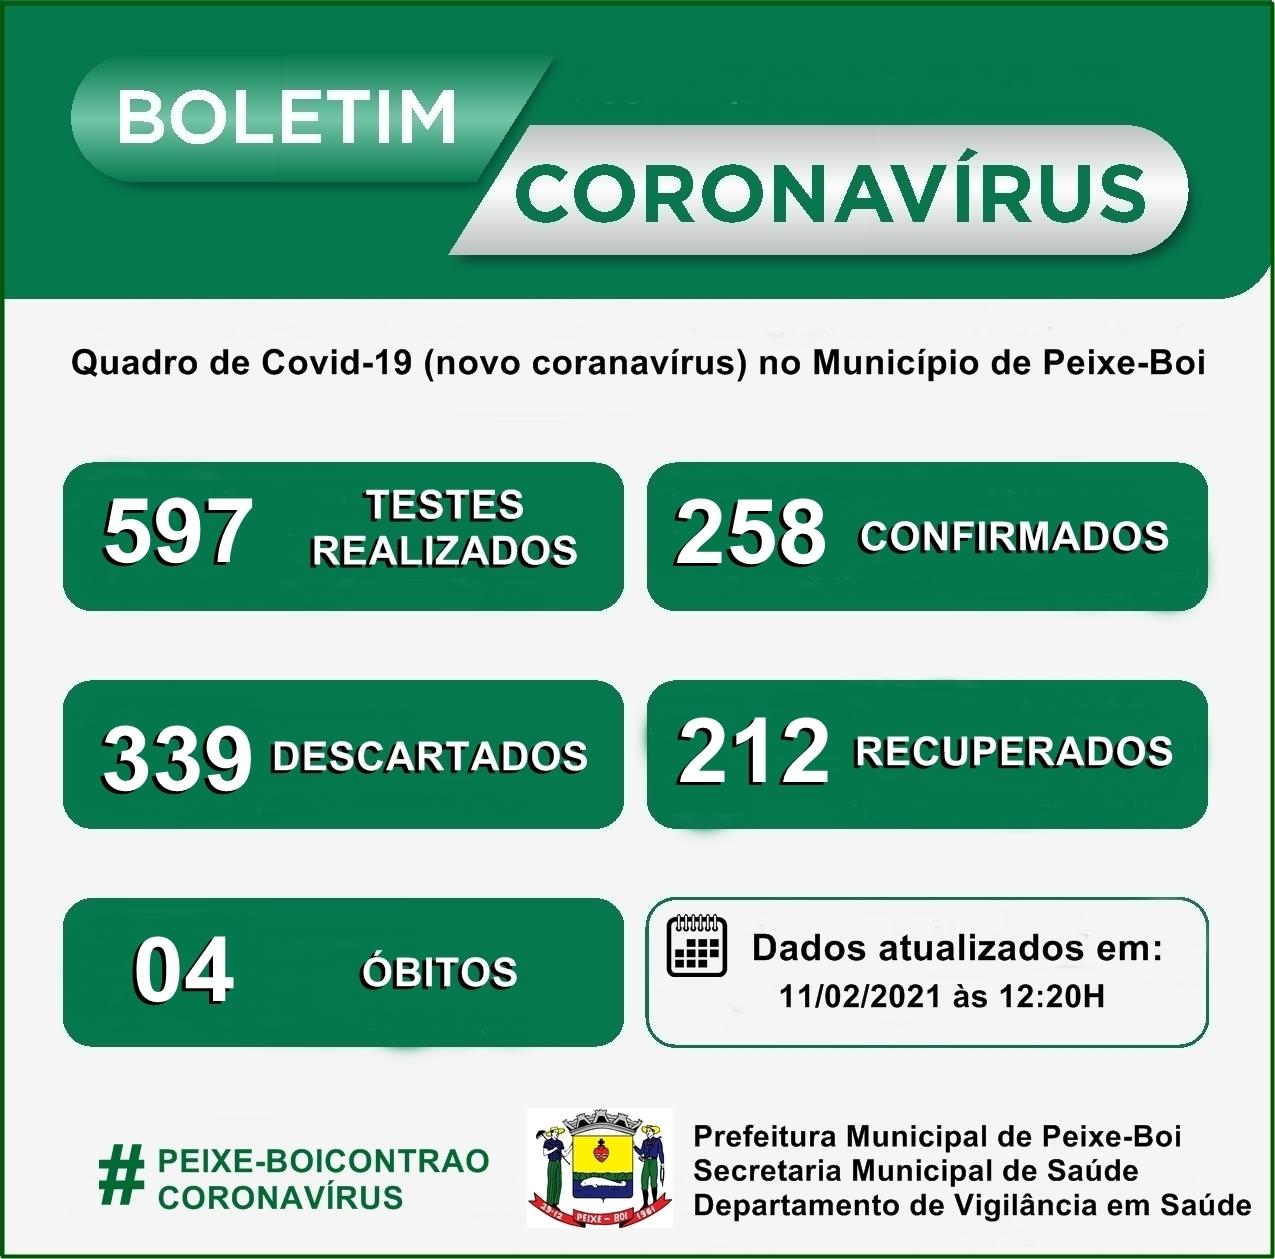 Boletim COVID-19 – Atualizado em 11/02/2021 às 12:20h ...